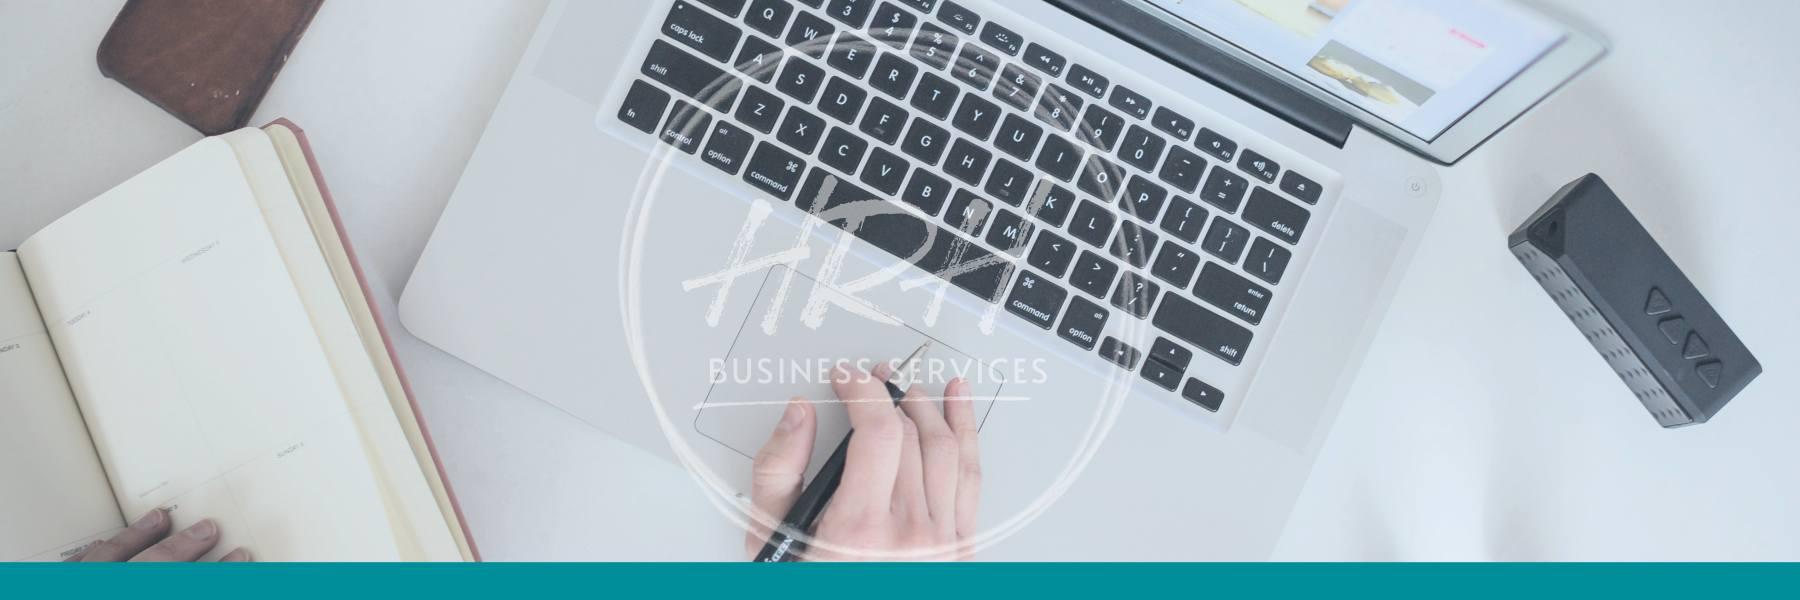 HRH Business Services - Xero Accounting Partner - Melton Mowbray Leicester